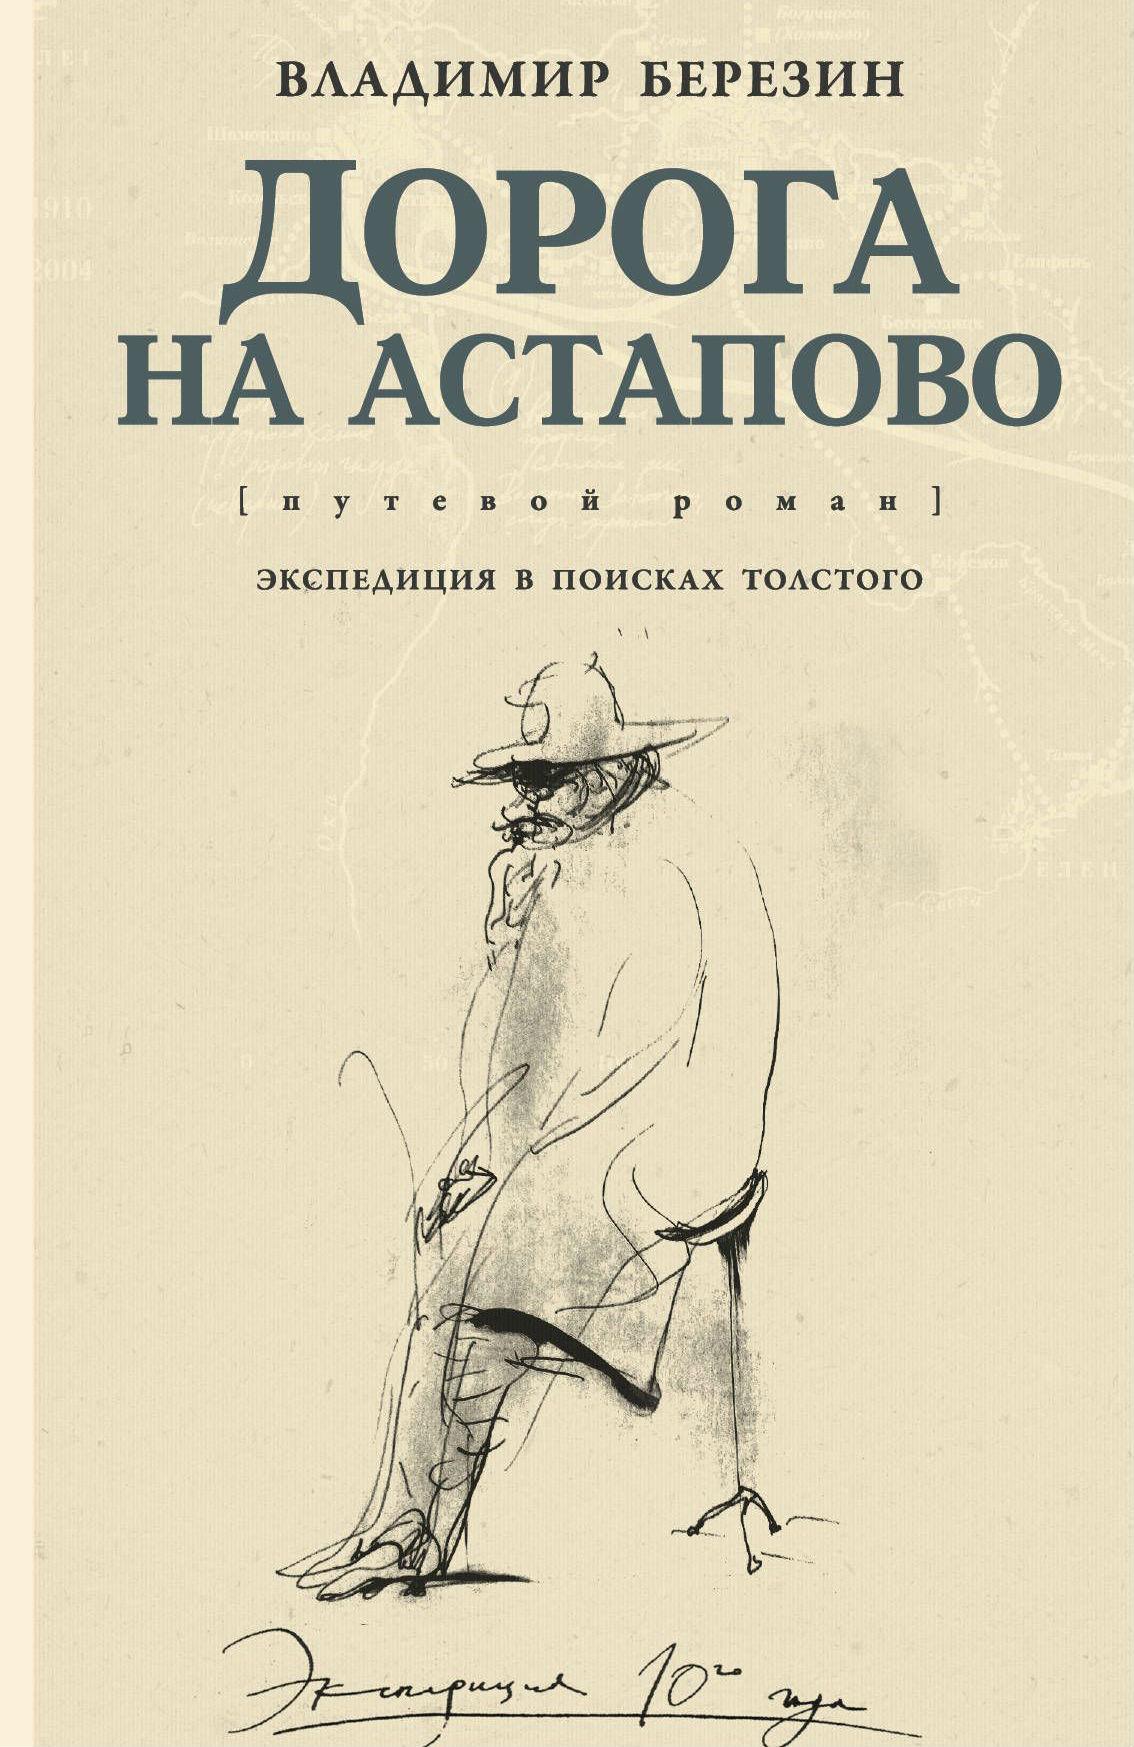 Купить Дорога на Астапово, Владимир Березин, 978-5-17-109456-0